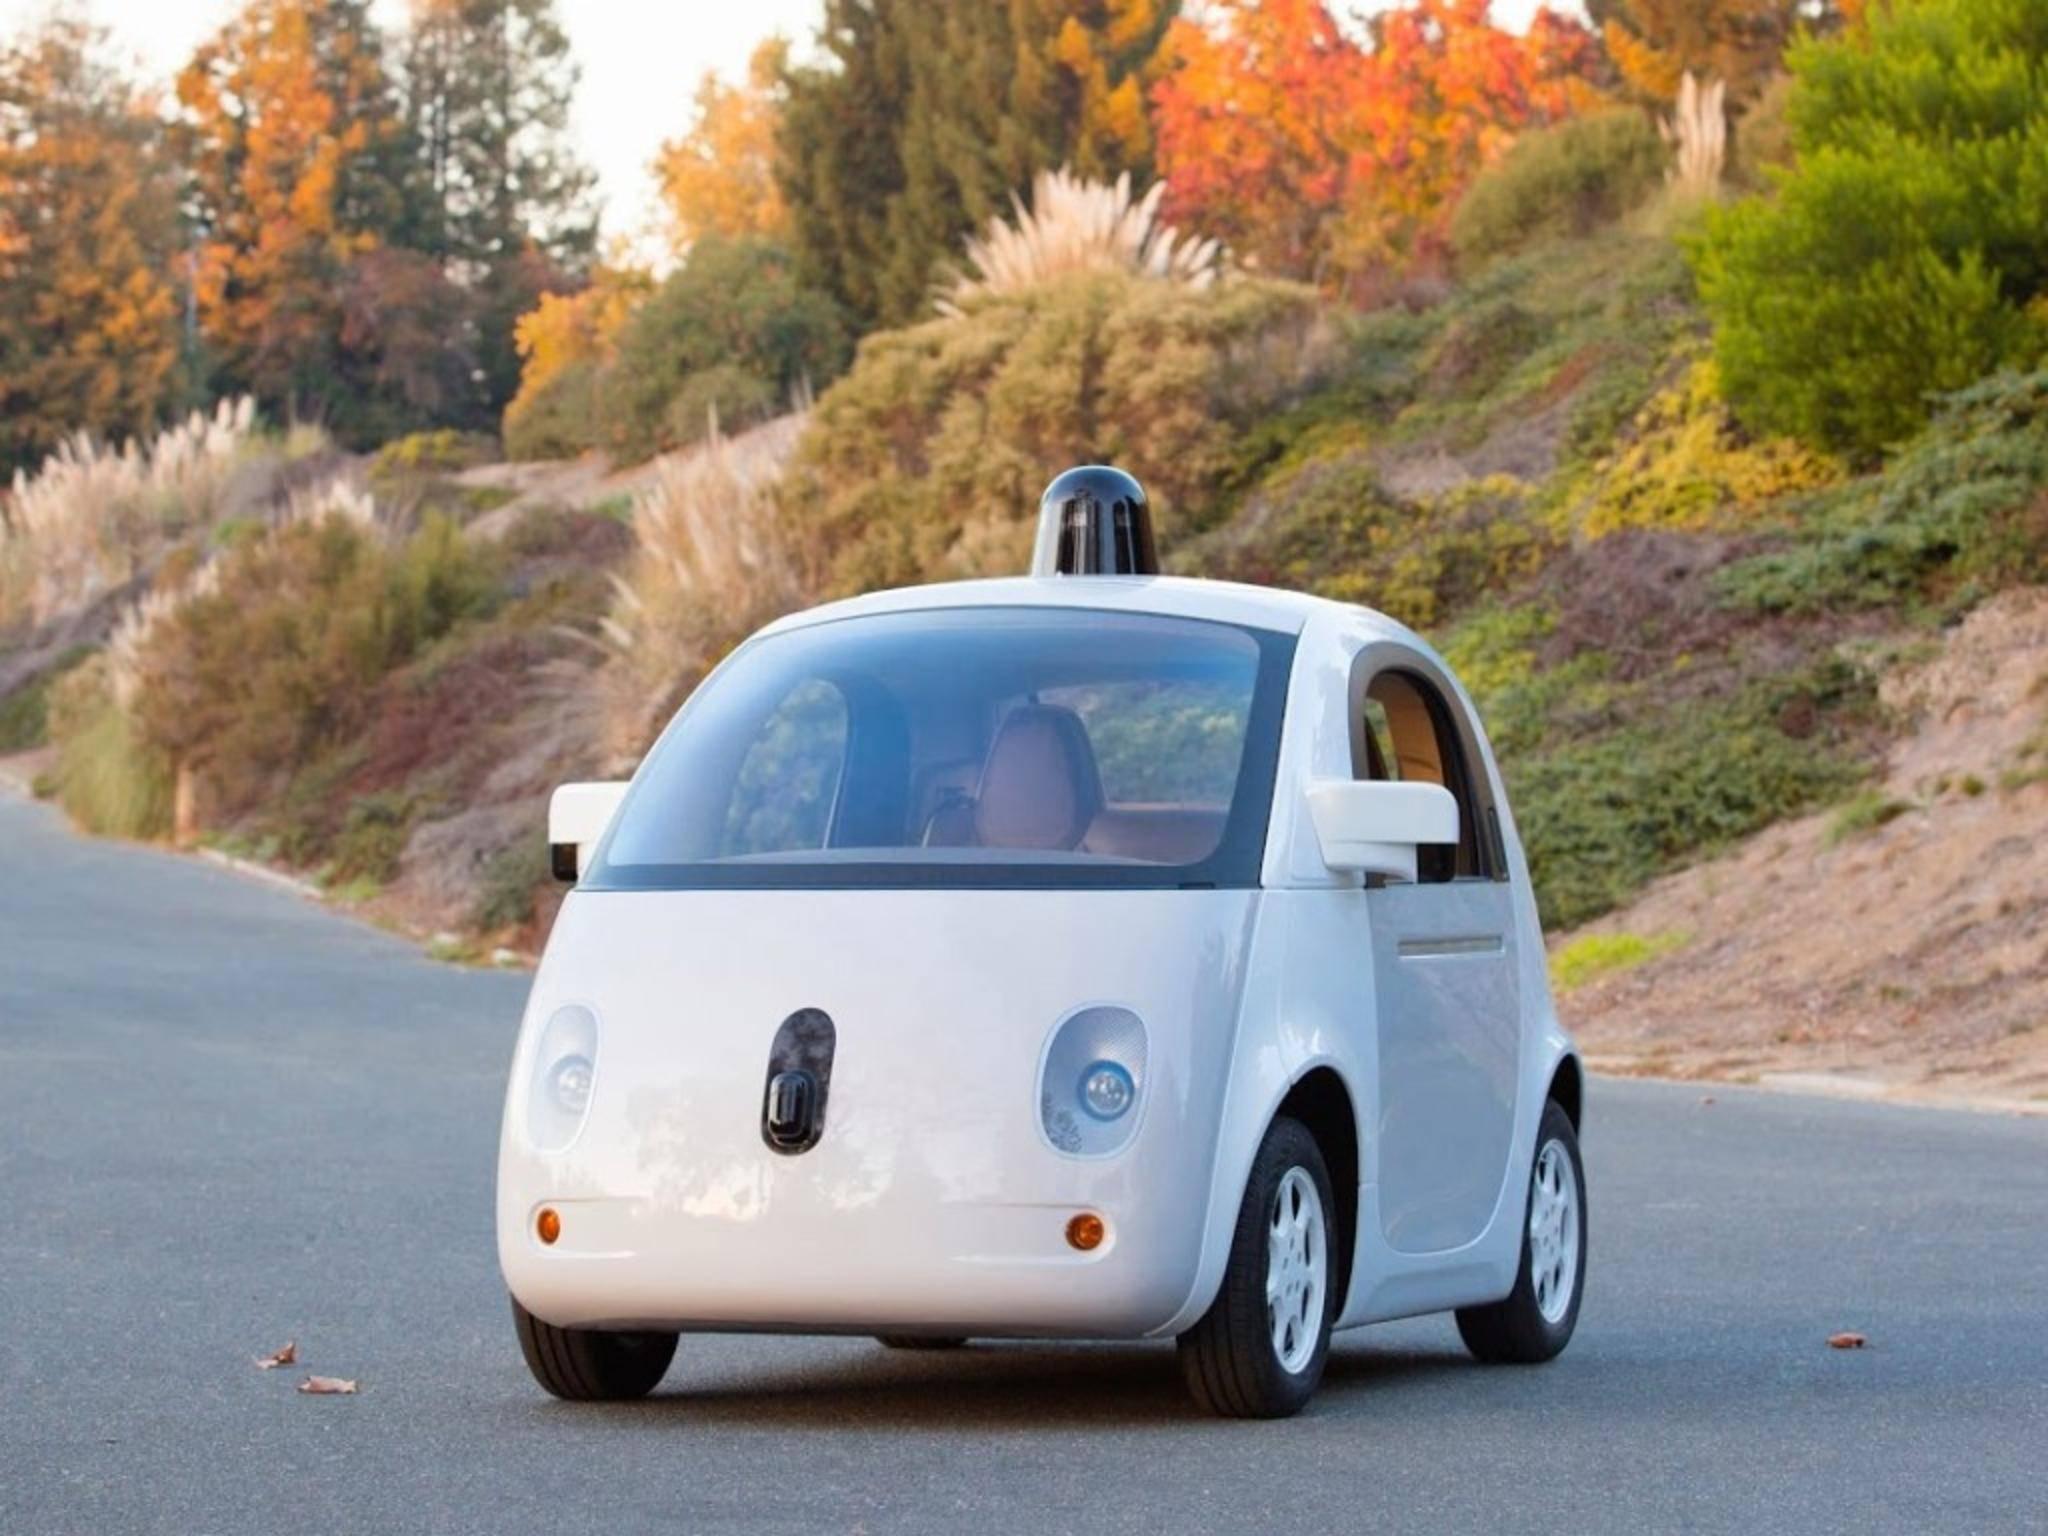 Viele Unternehmen wie Google arbeiten an selbstfahrenden Autos.